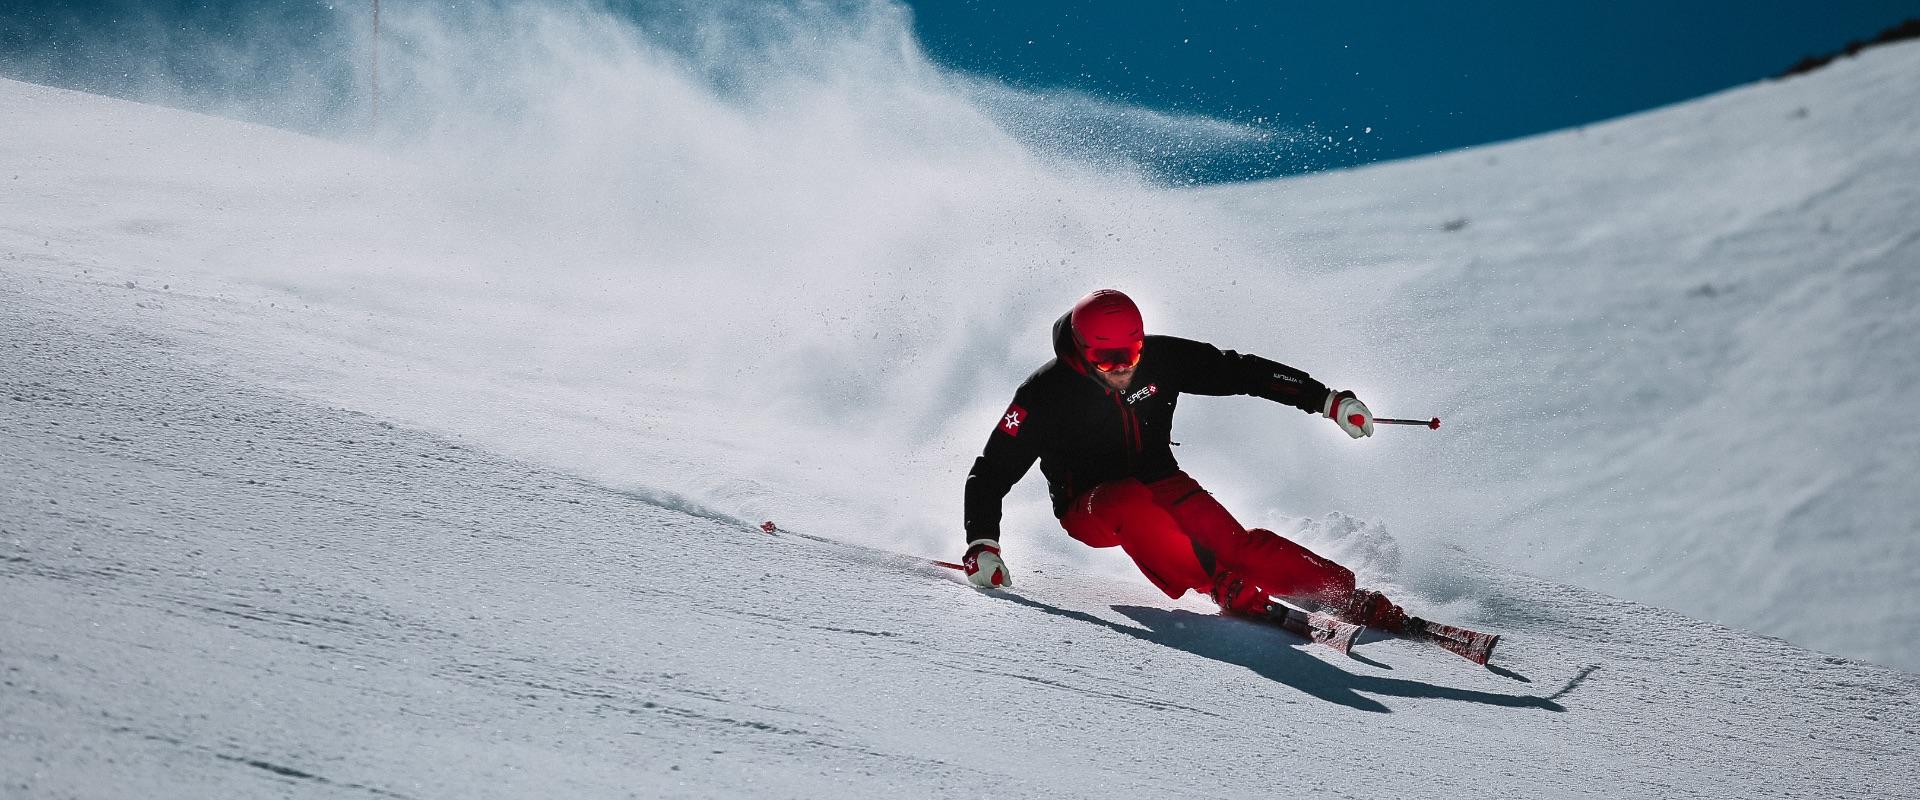 safe-formacion-convocatoria-tecnicos-deportivos-esqui-alpino-1